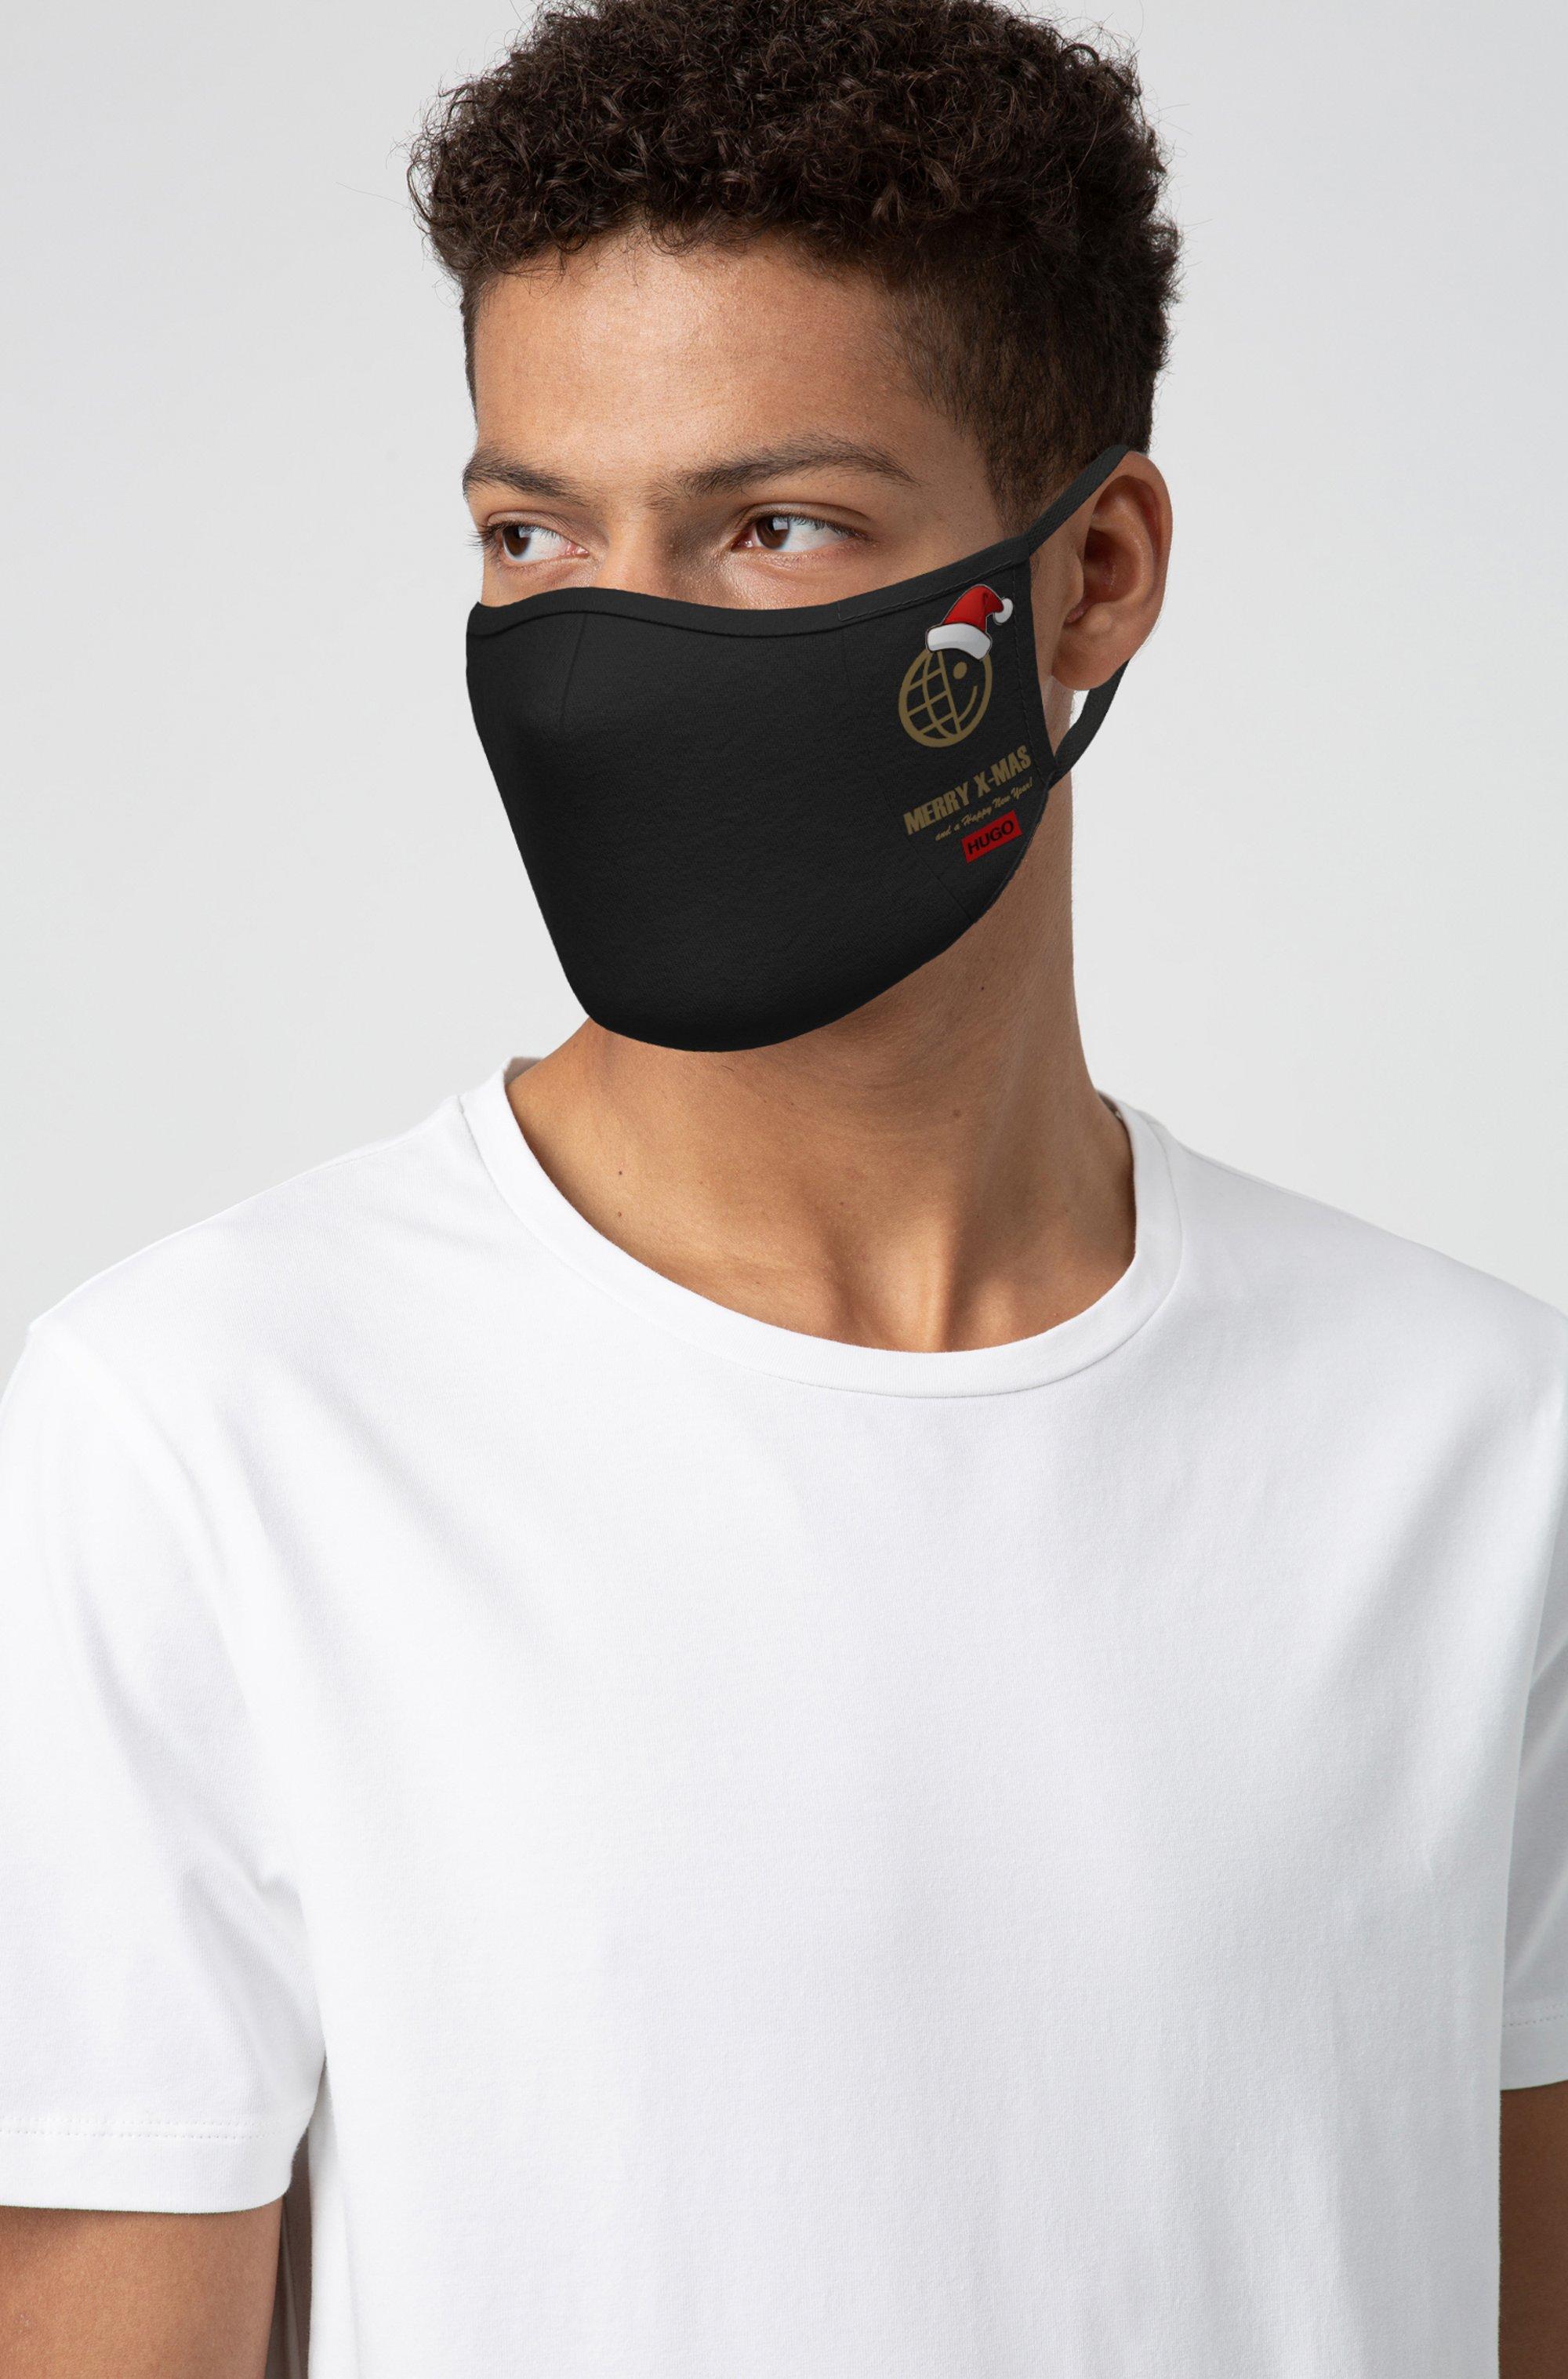 Masque pour les fêtes en coton recot²®